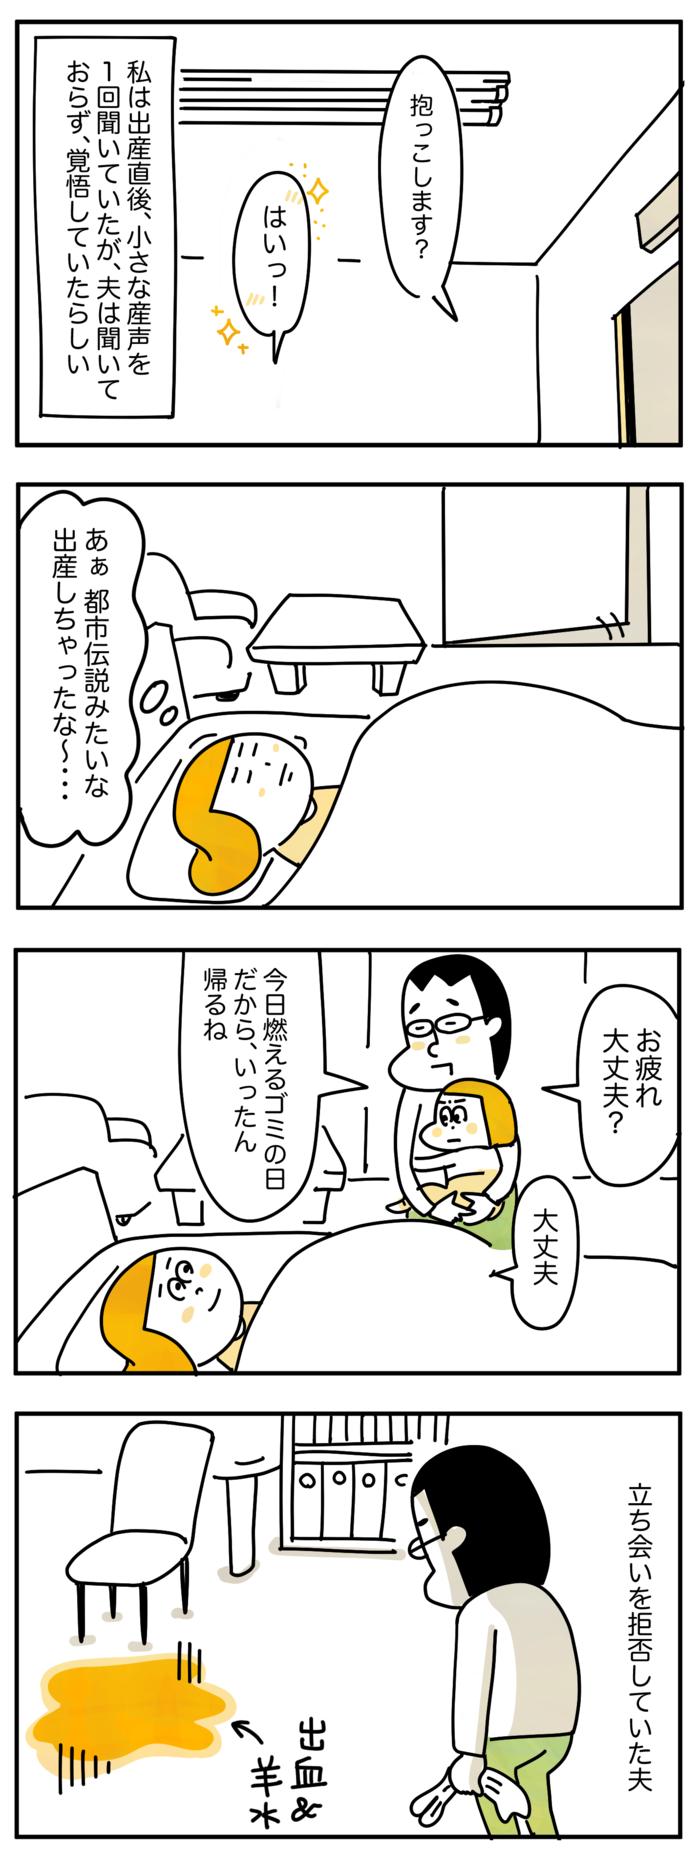 「血が苦手だから…」立ち会い出産NG宣言の夫に訪れた、ドラマチックすぎる結末の画像4